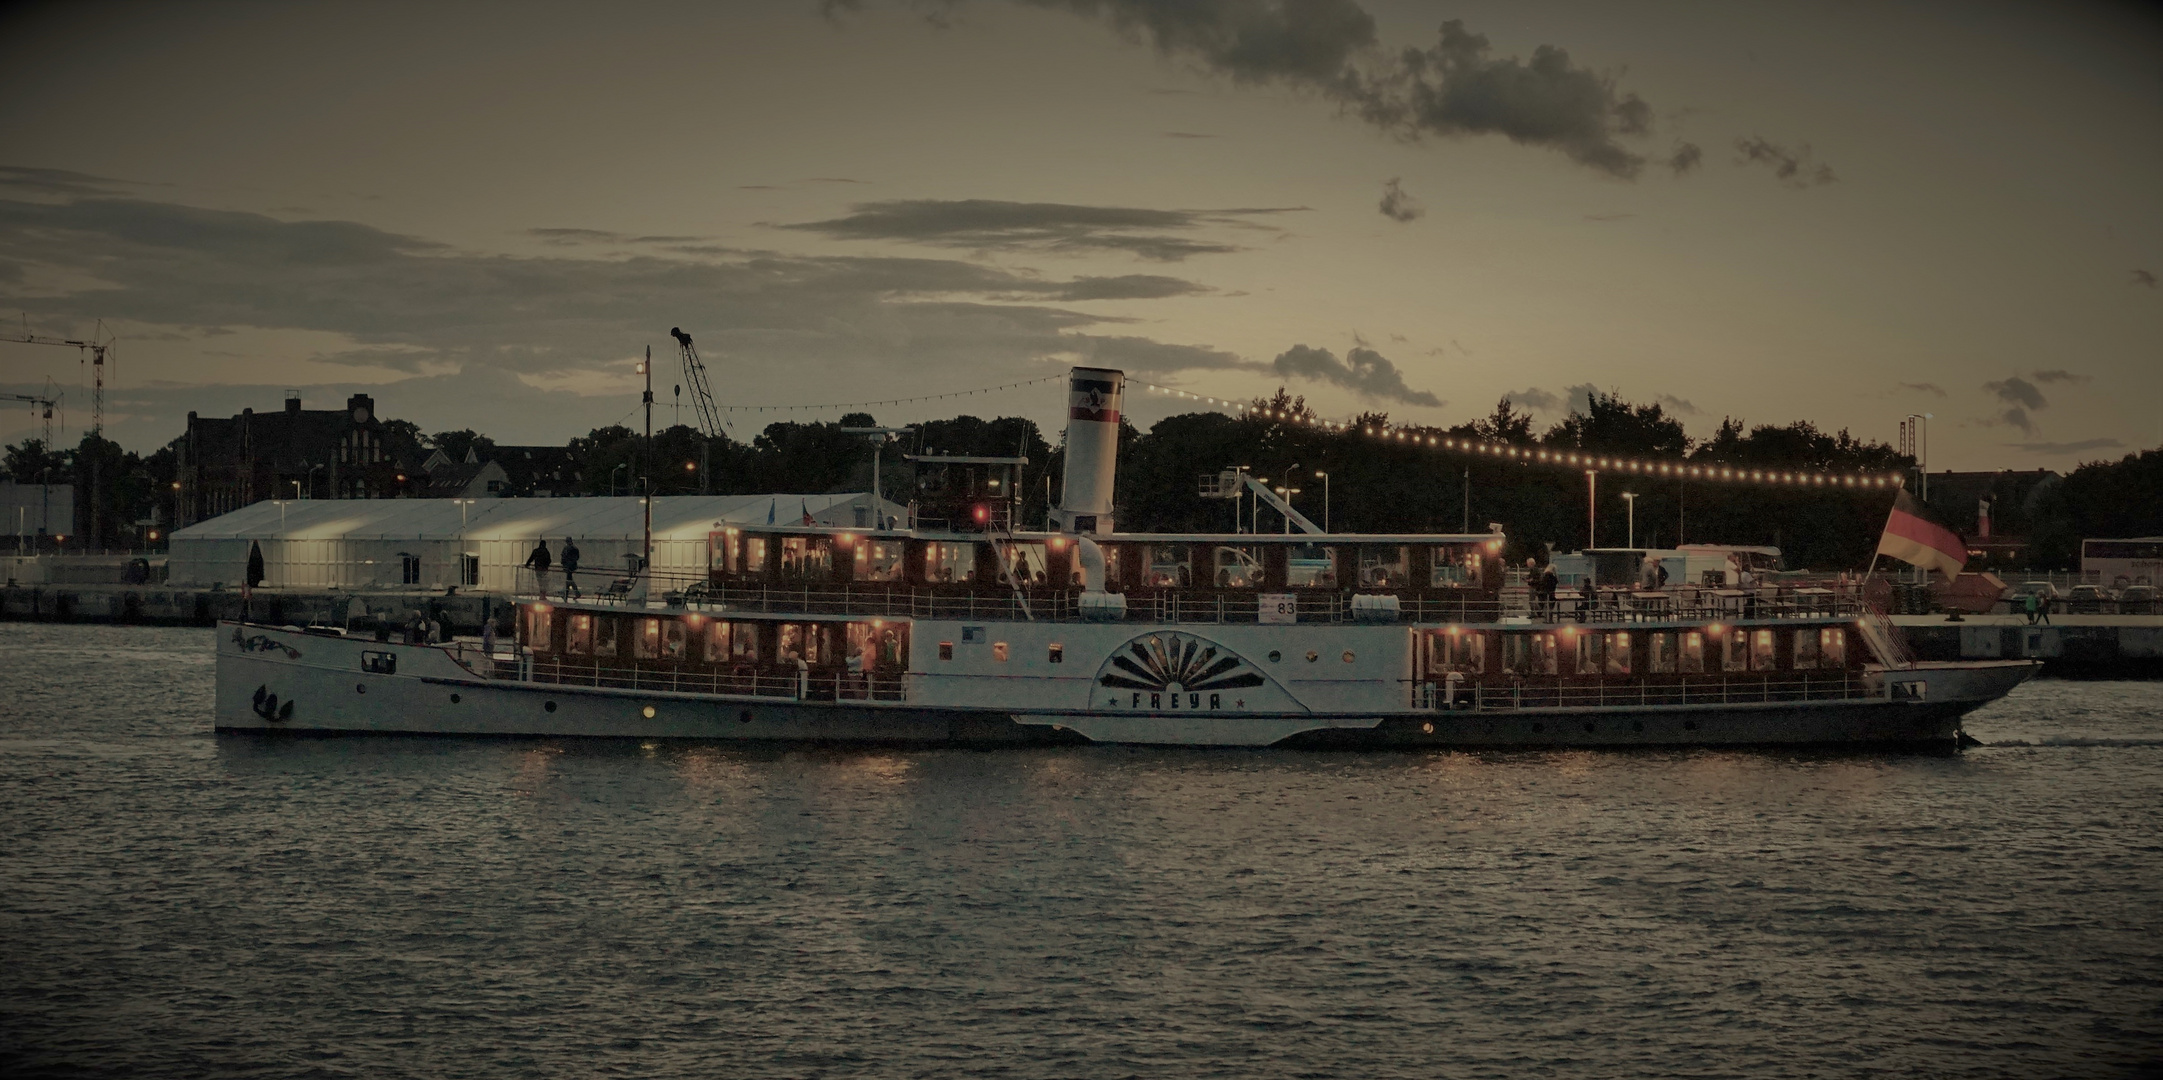 Freya abends auf der Sail